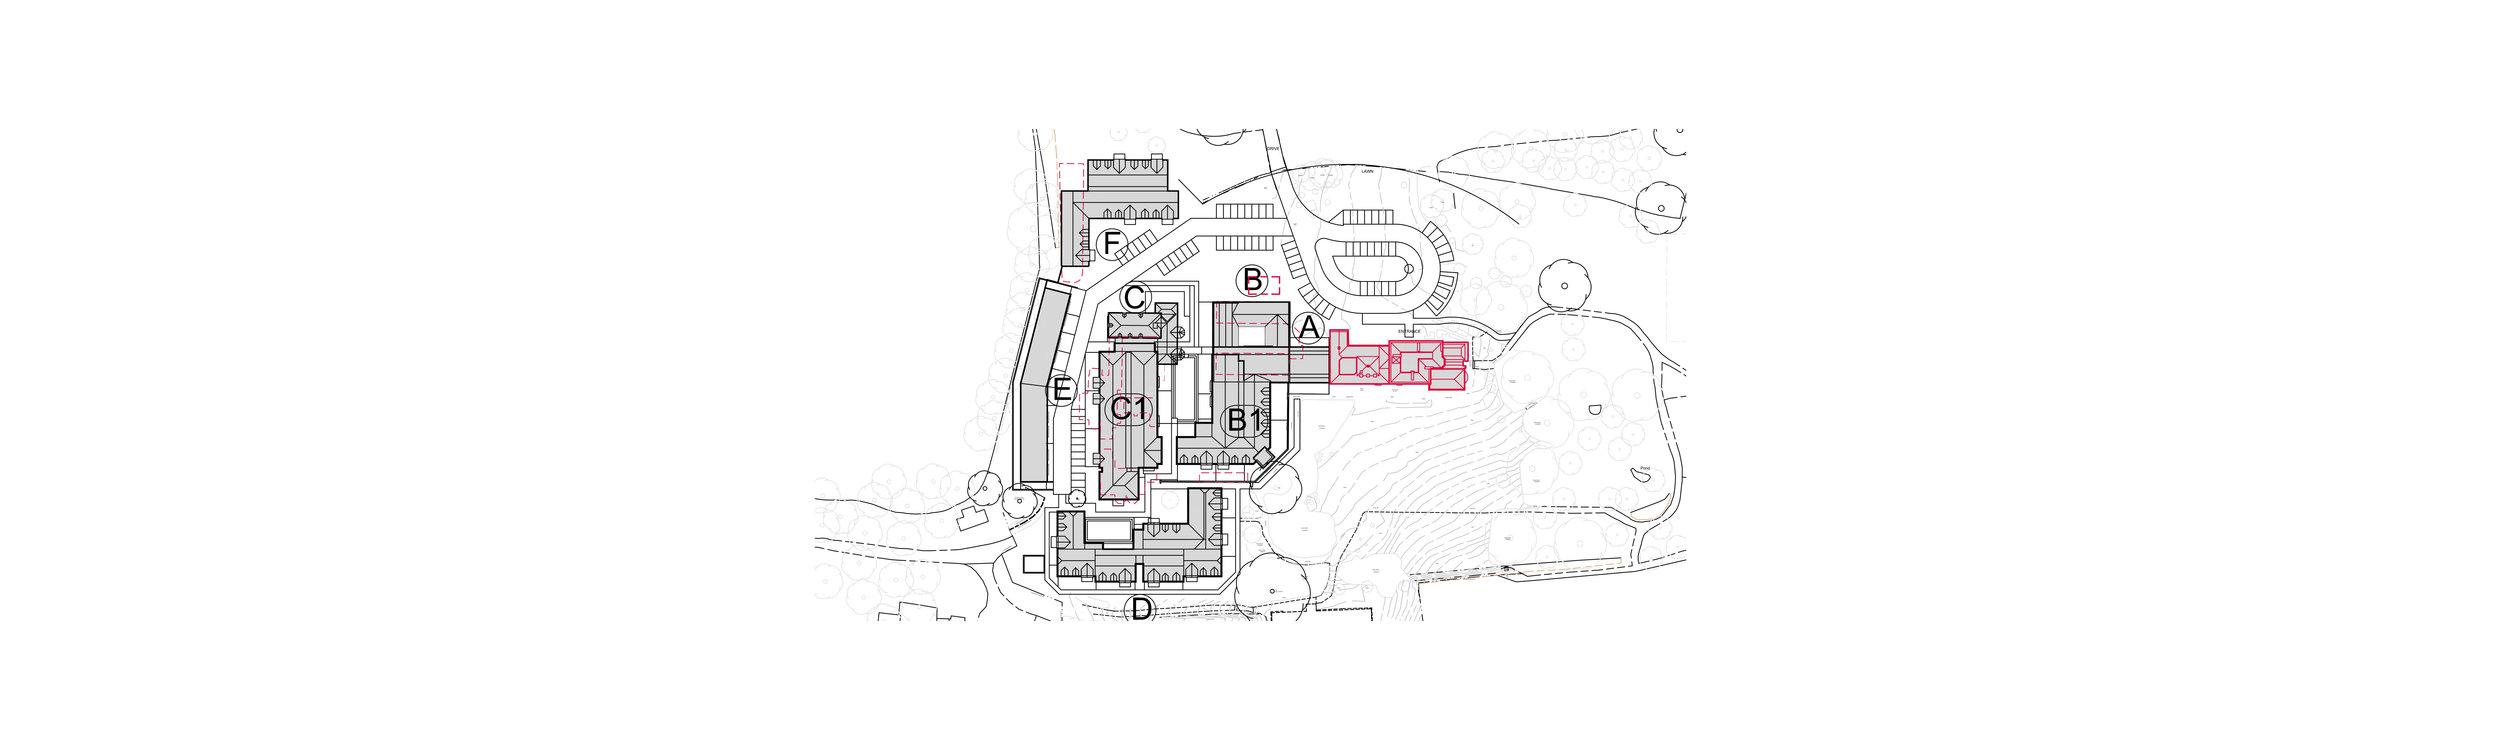 Proposed-ROOF-PLAN.jpg